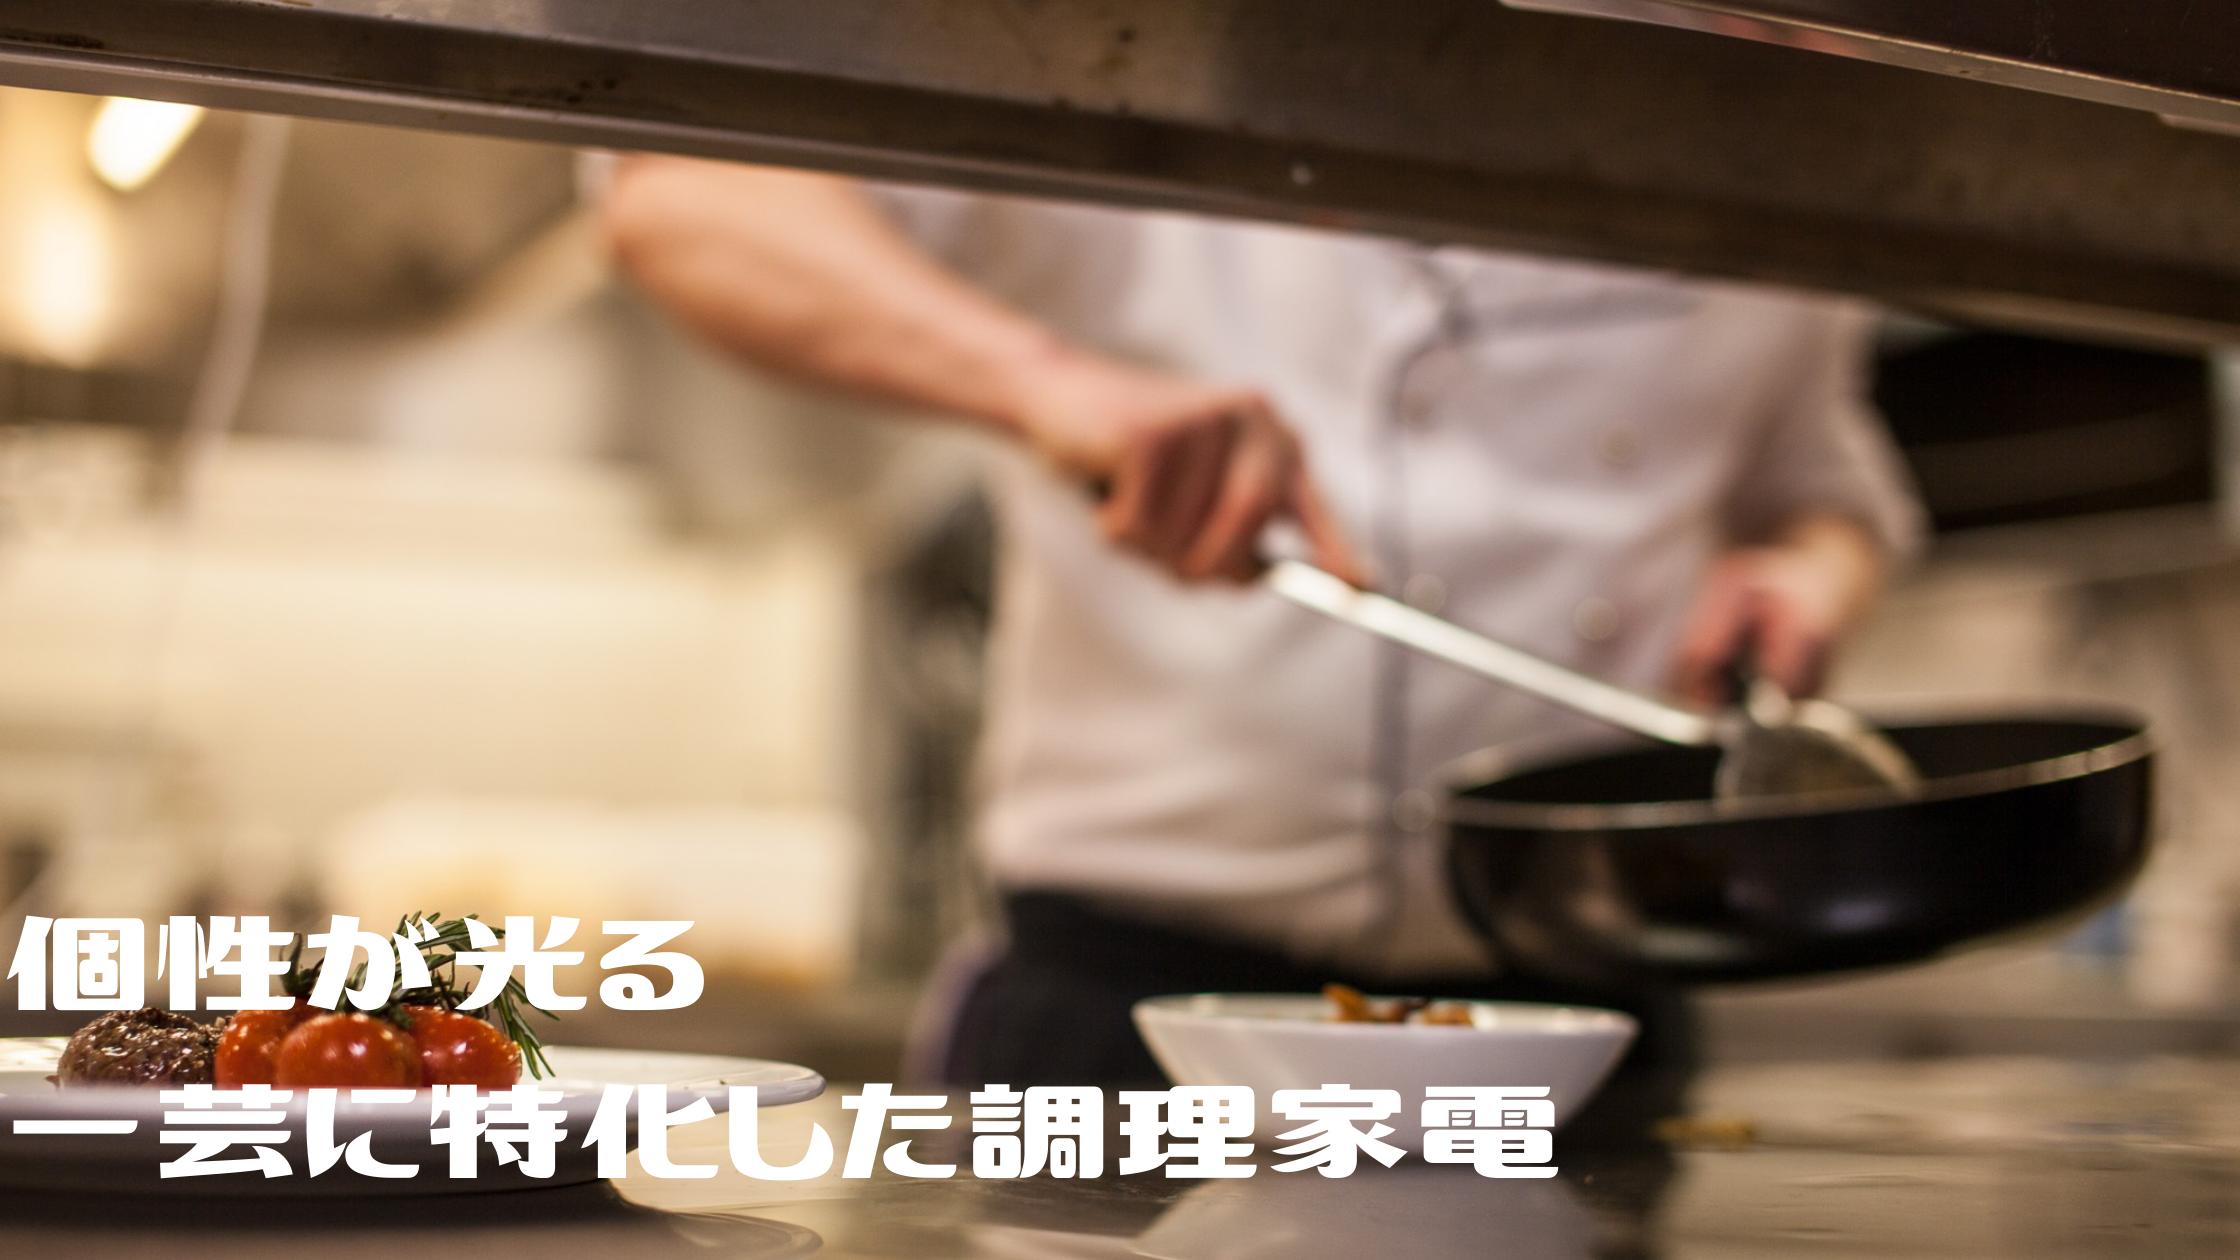 【所さん お届けモノです!】一芸に特化した調理家電『ポップコーン』『チュロス』『やきいも』etc…